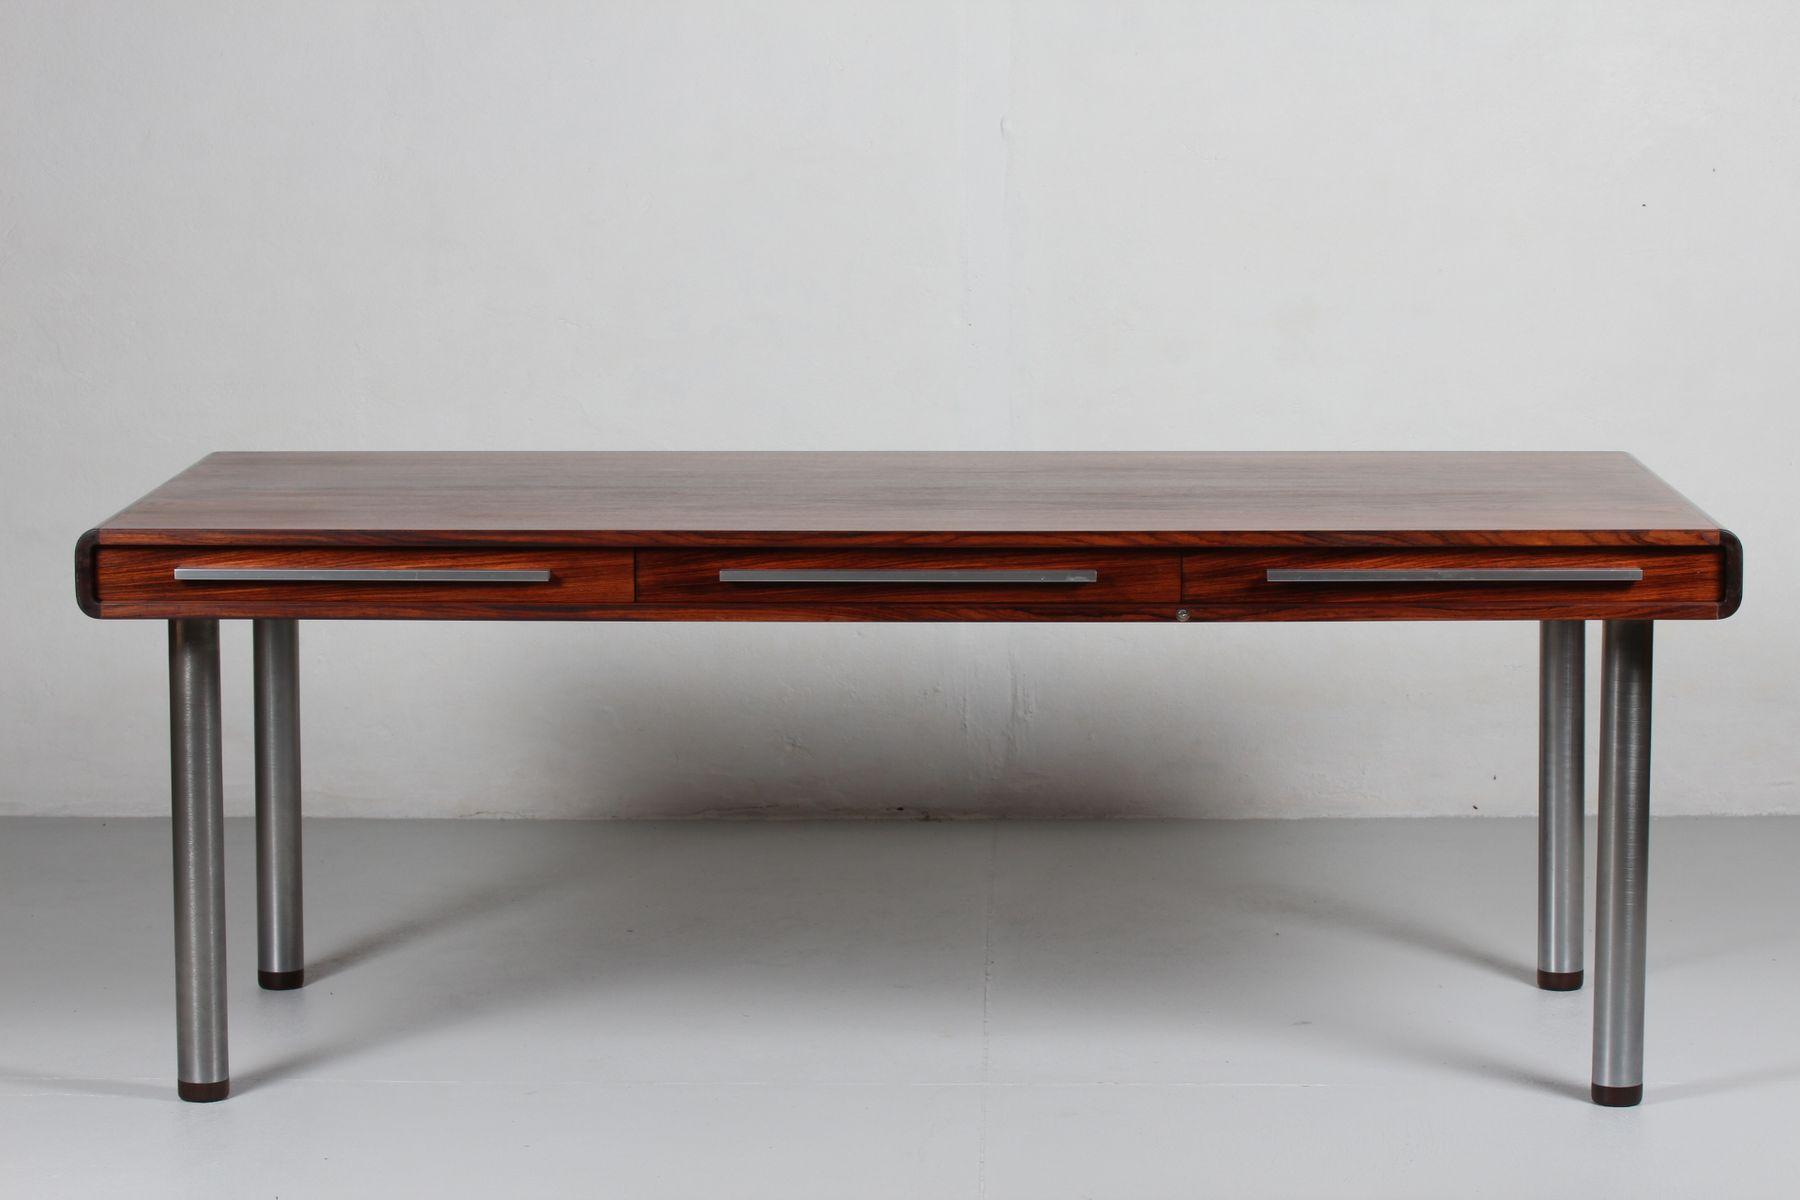 Grand bureau en palissandre avec trois tiroirs par kai kristiansen pour dyrlund 1970s en vente - Bureau avec grand tiroir ...